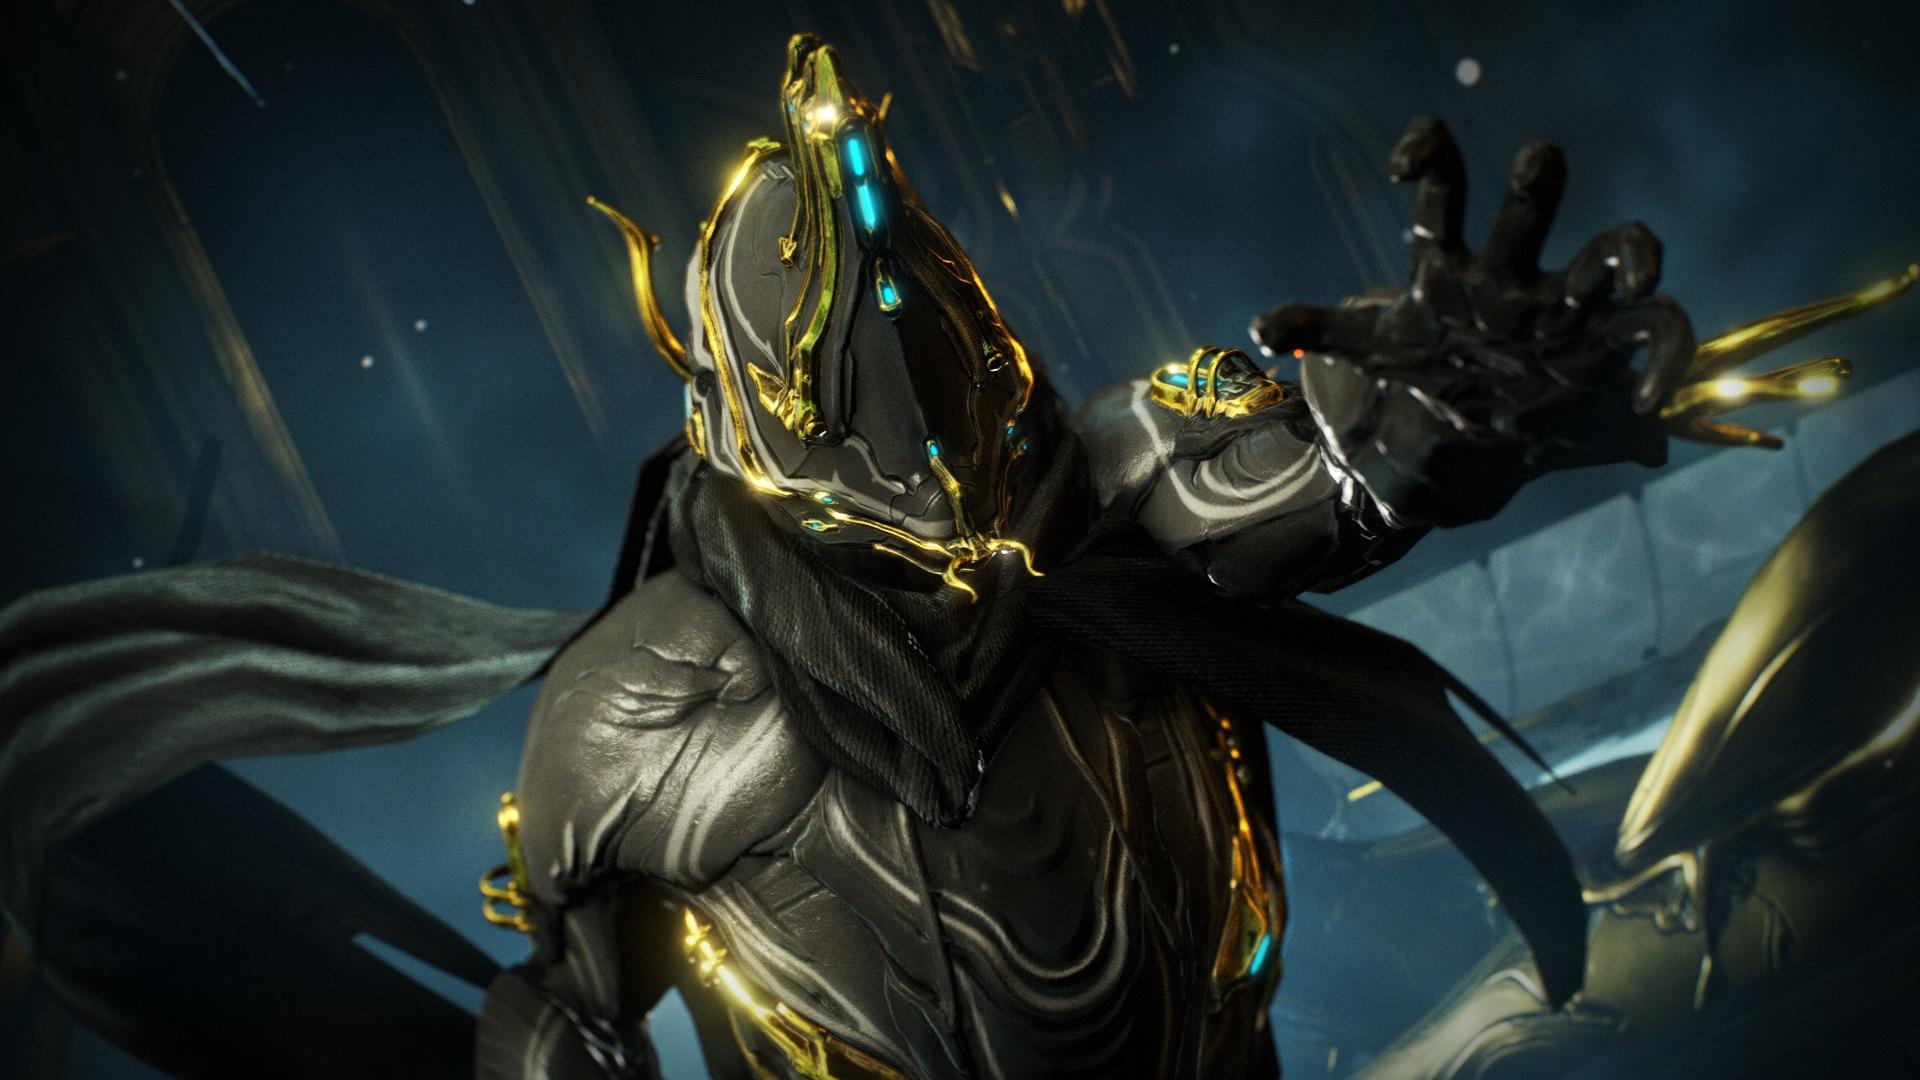 Warframe-The-Sacrifice-E3-2018-Umbra-Gam